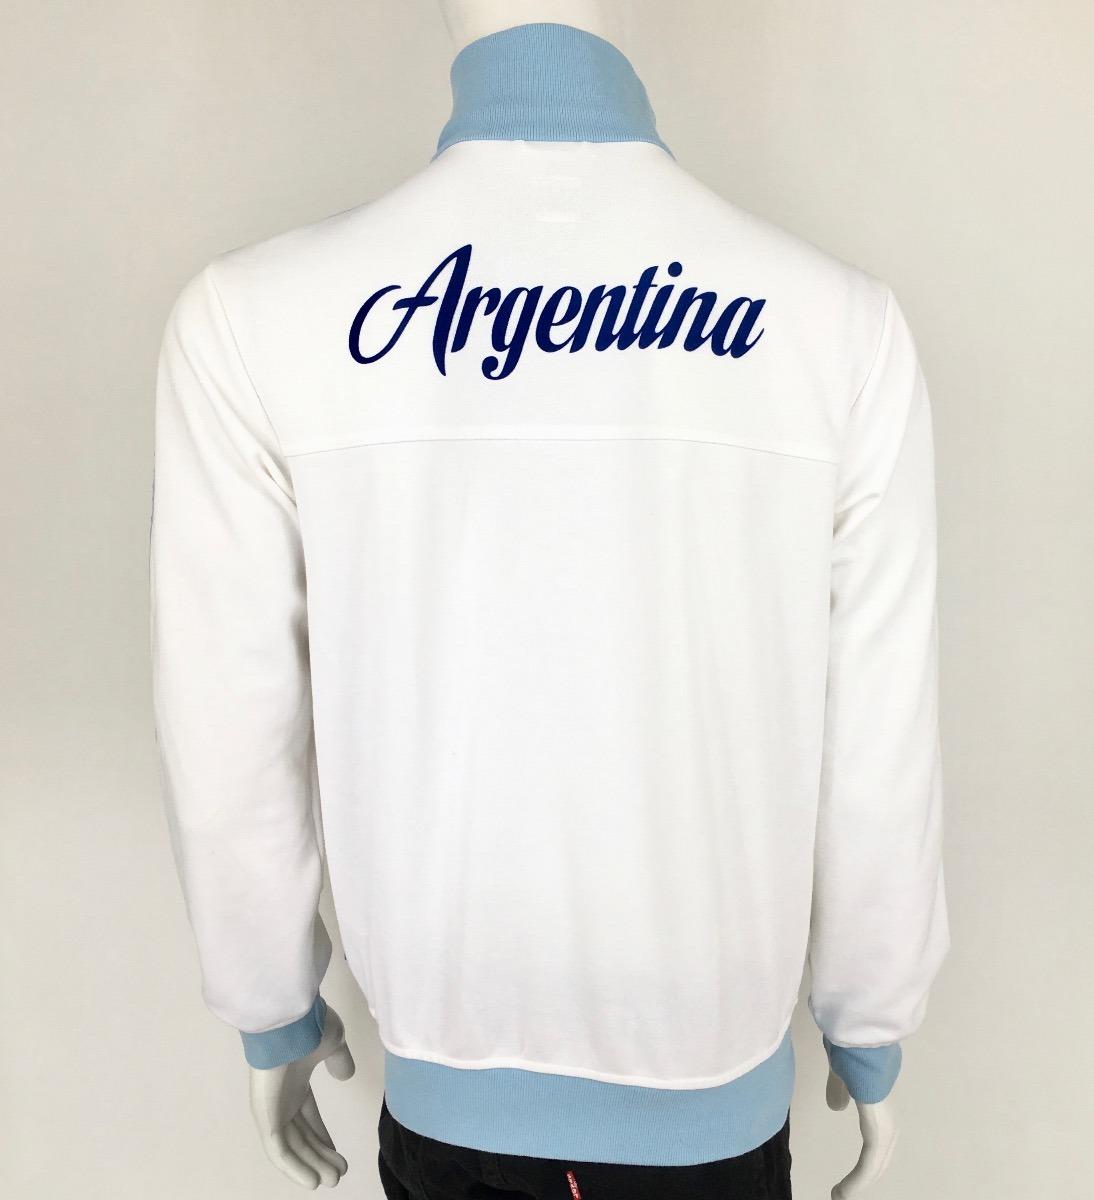 ff06bd3558 Agasalho Seleção Argentina Futebol Copa Do Mundo adidas - M - R  229 ...